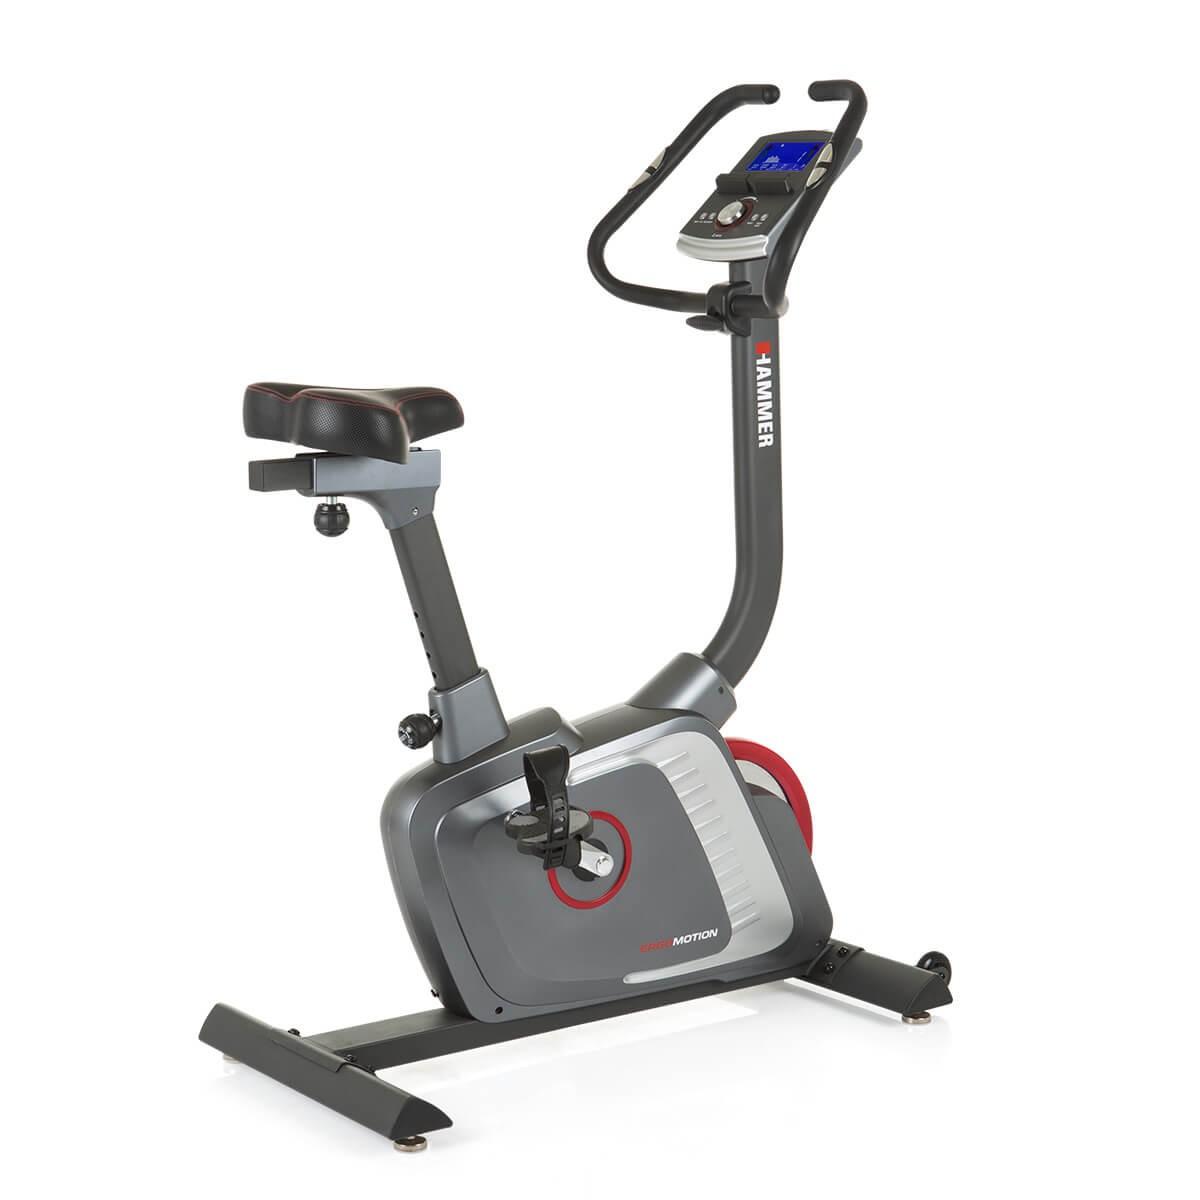 HAMMER Ergometer Exercise Bike Ergo-Motion BT